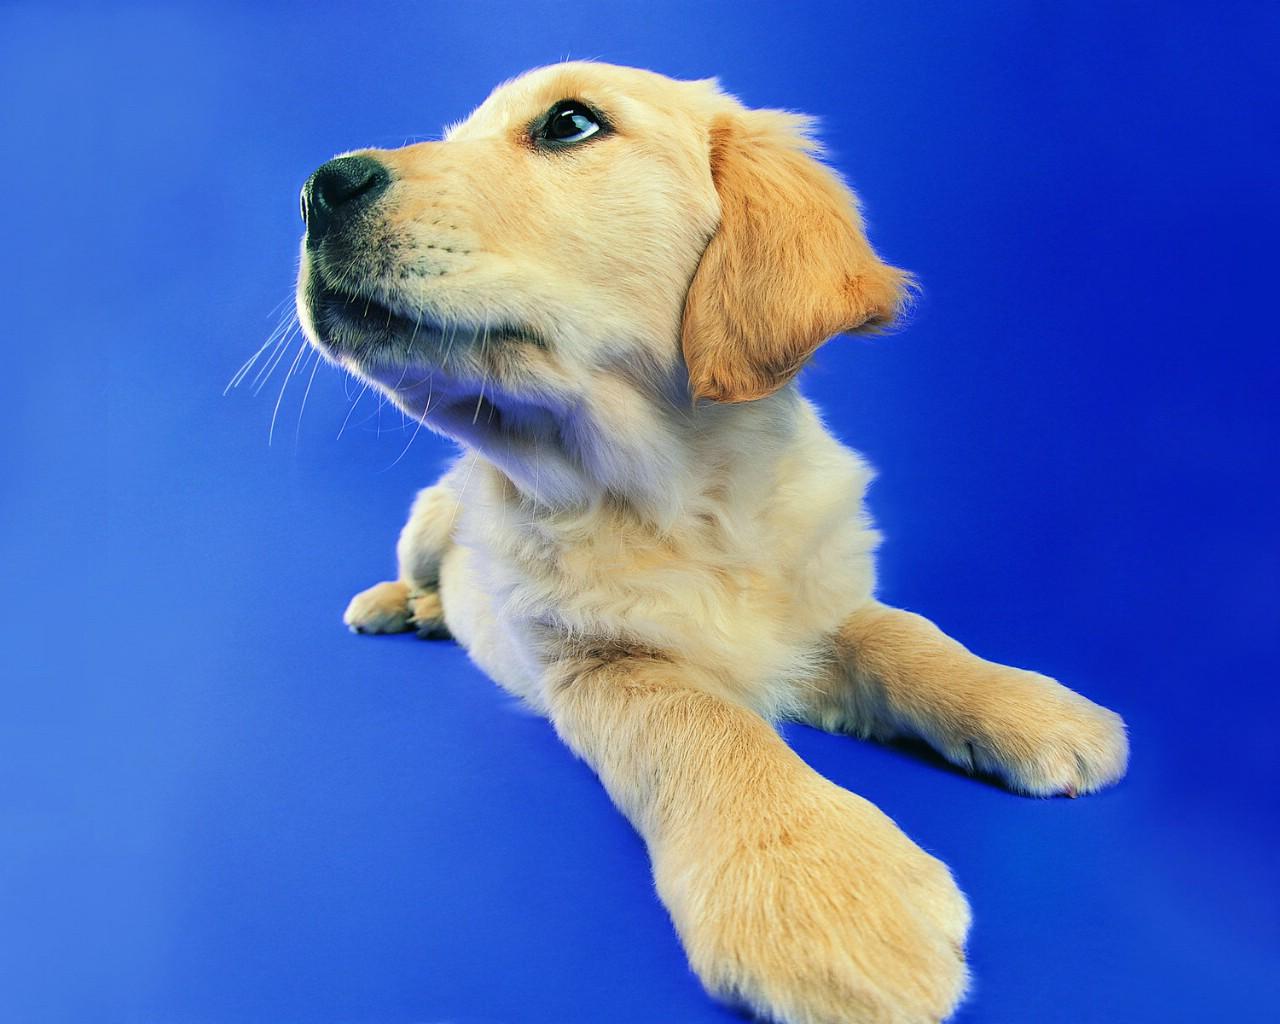 壁纸1280×1024趣味可爱狗狗图片壁纸壁纸